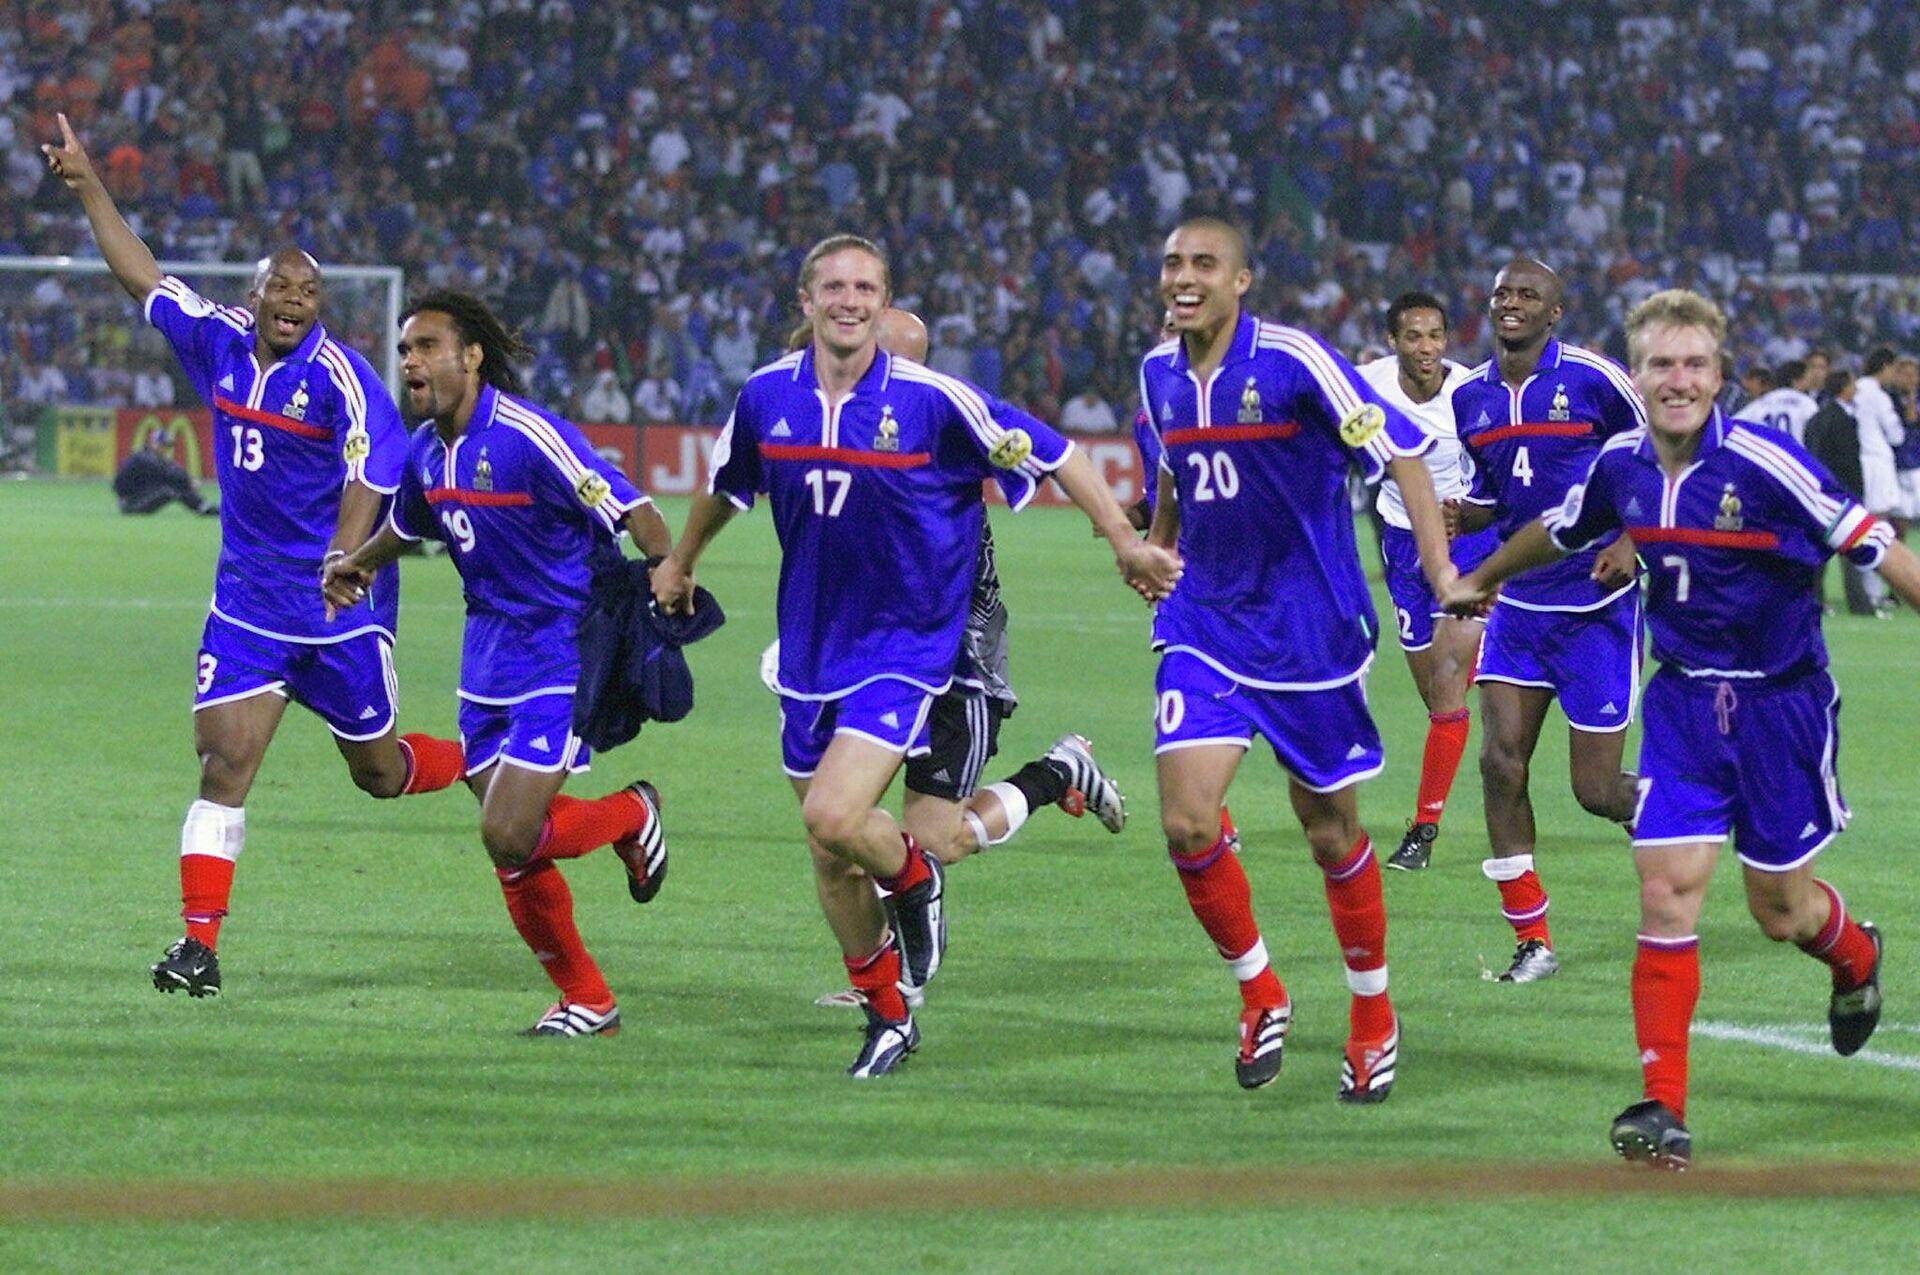 Футболисты сборной Франции радуются победе на ЕВРО-2000 - РИА Новости, 1920, 27.04.2021